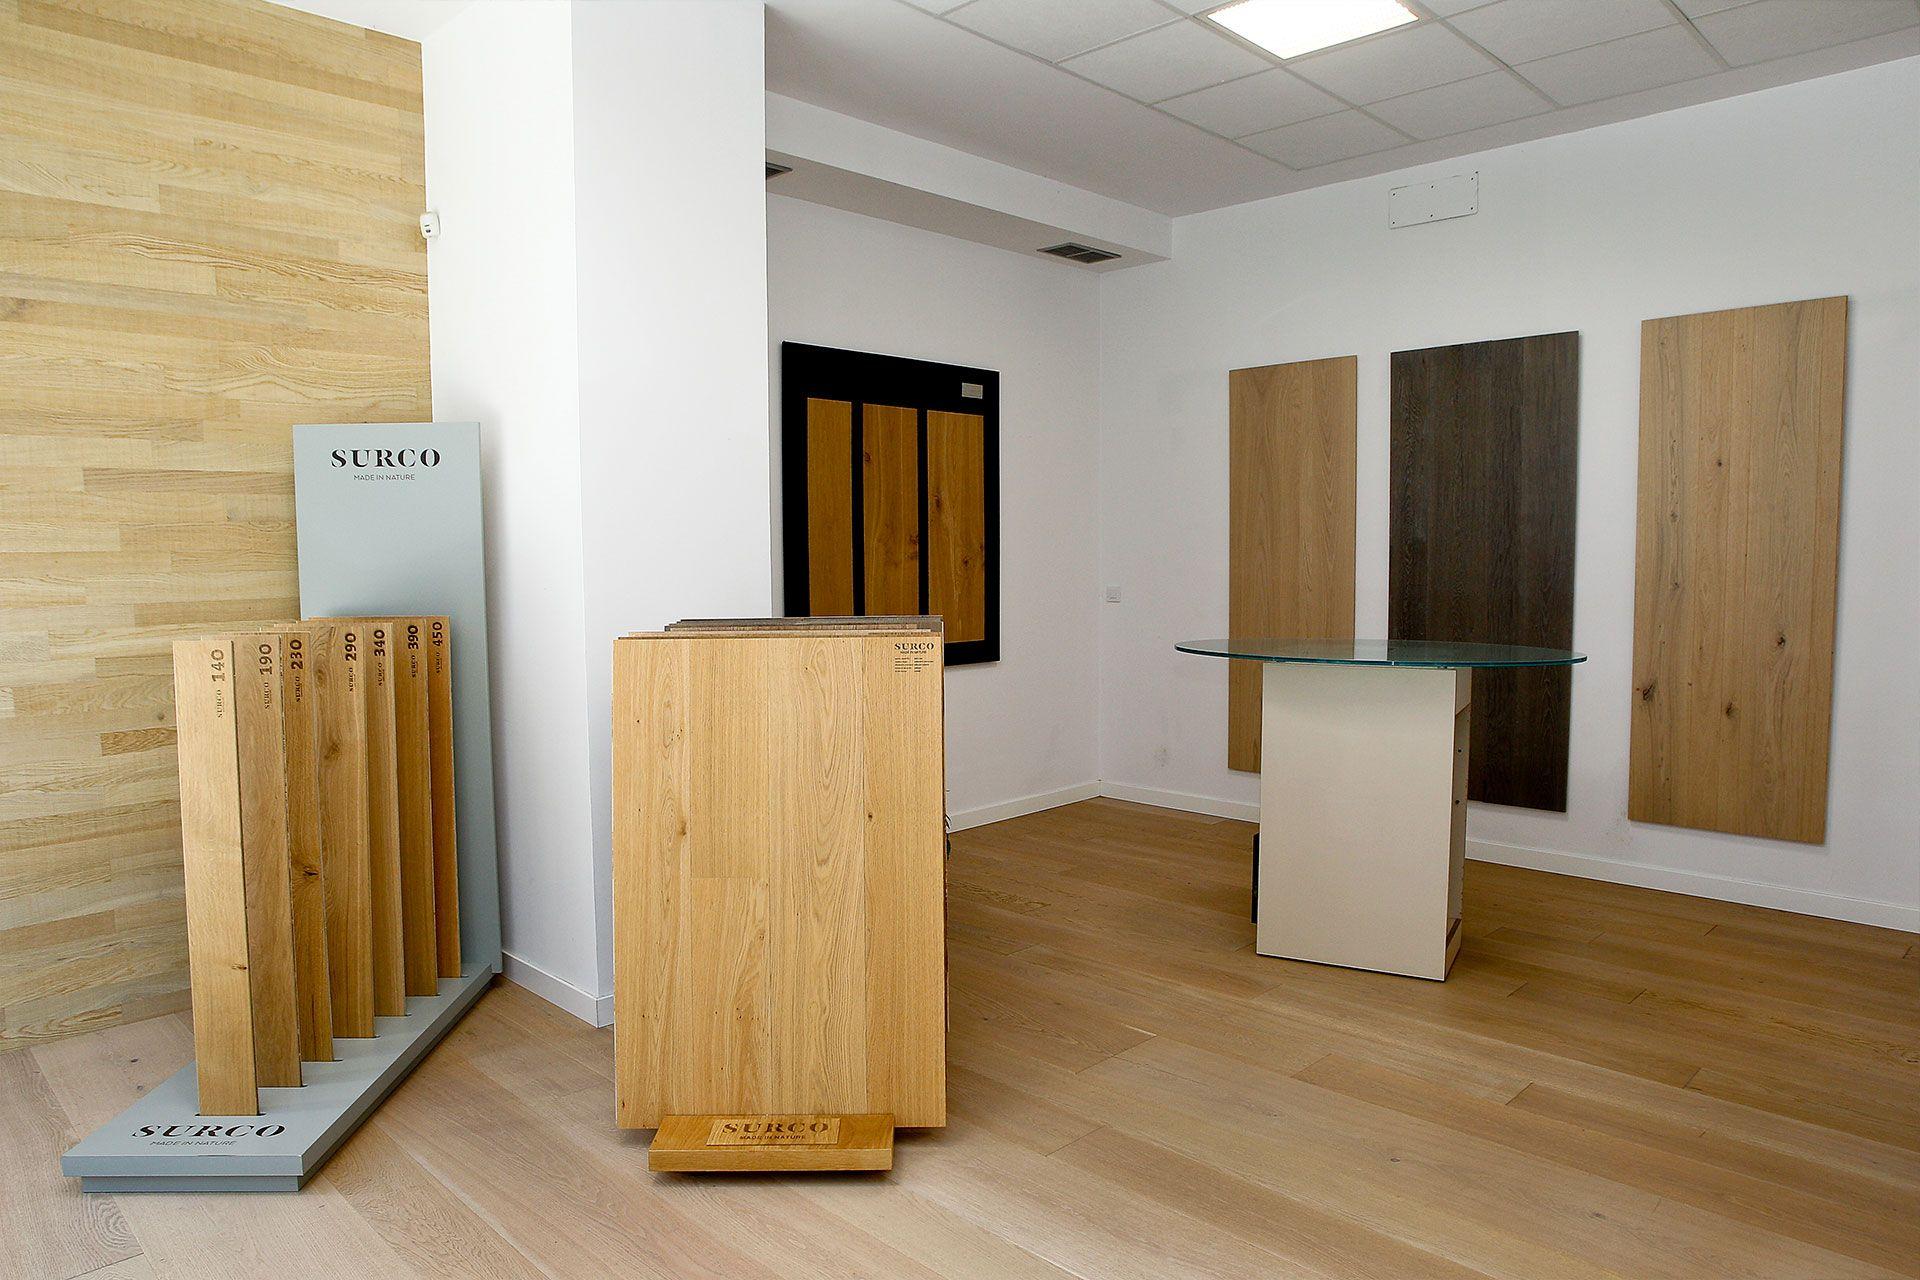 Oficina de SURCO en Torrelavega